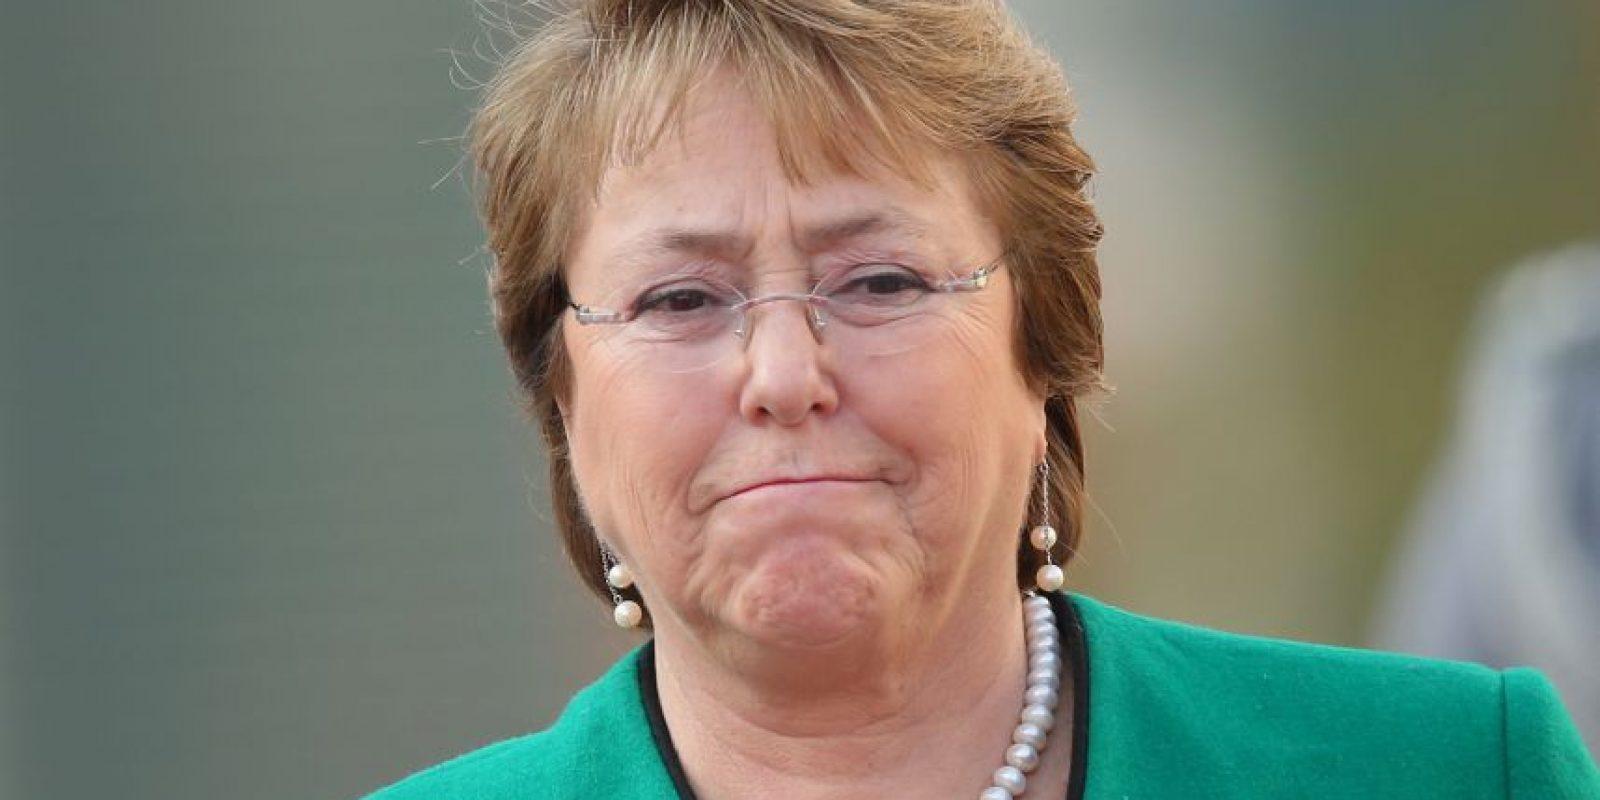 Michelle Bachelet es una médico y política chilena, actual presidenta de la República de Chile. Foto:Getty Images